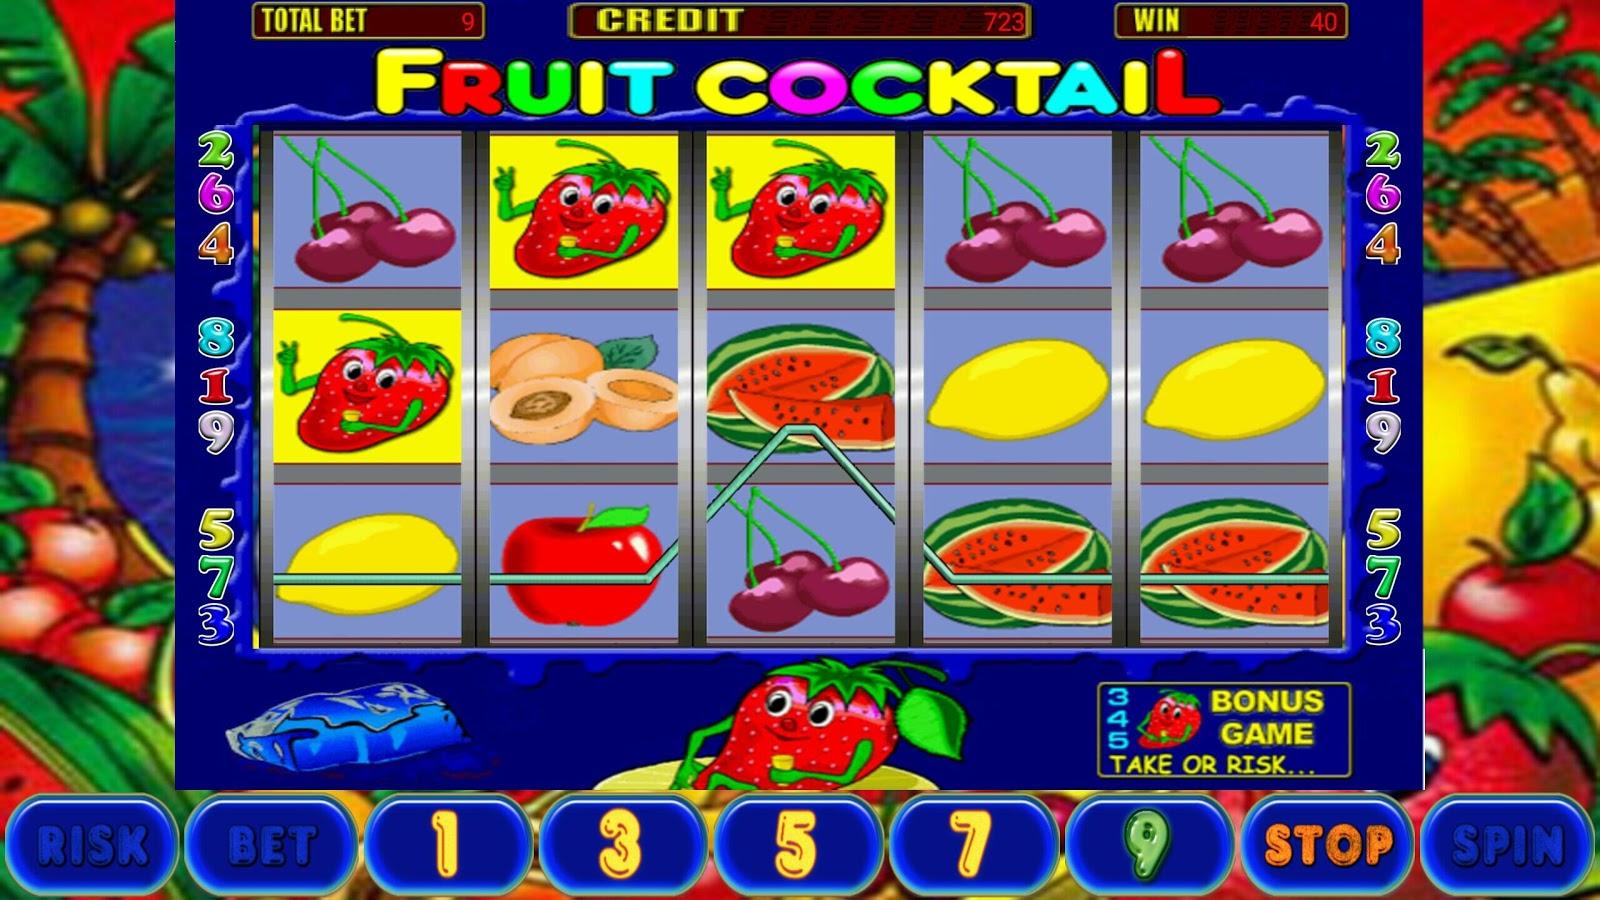 Игровые автоматы на деньги с первоначальным бонусом